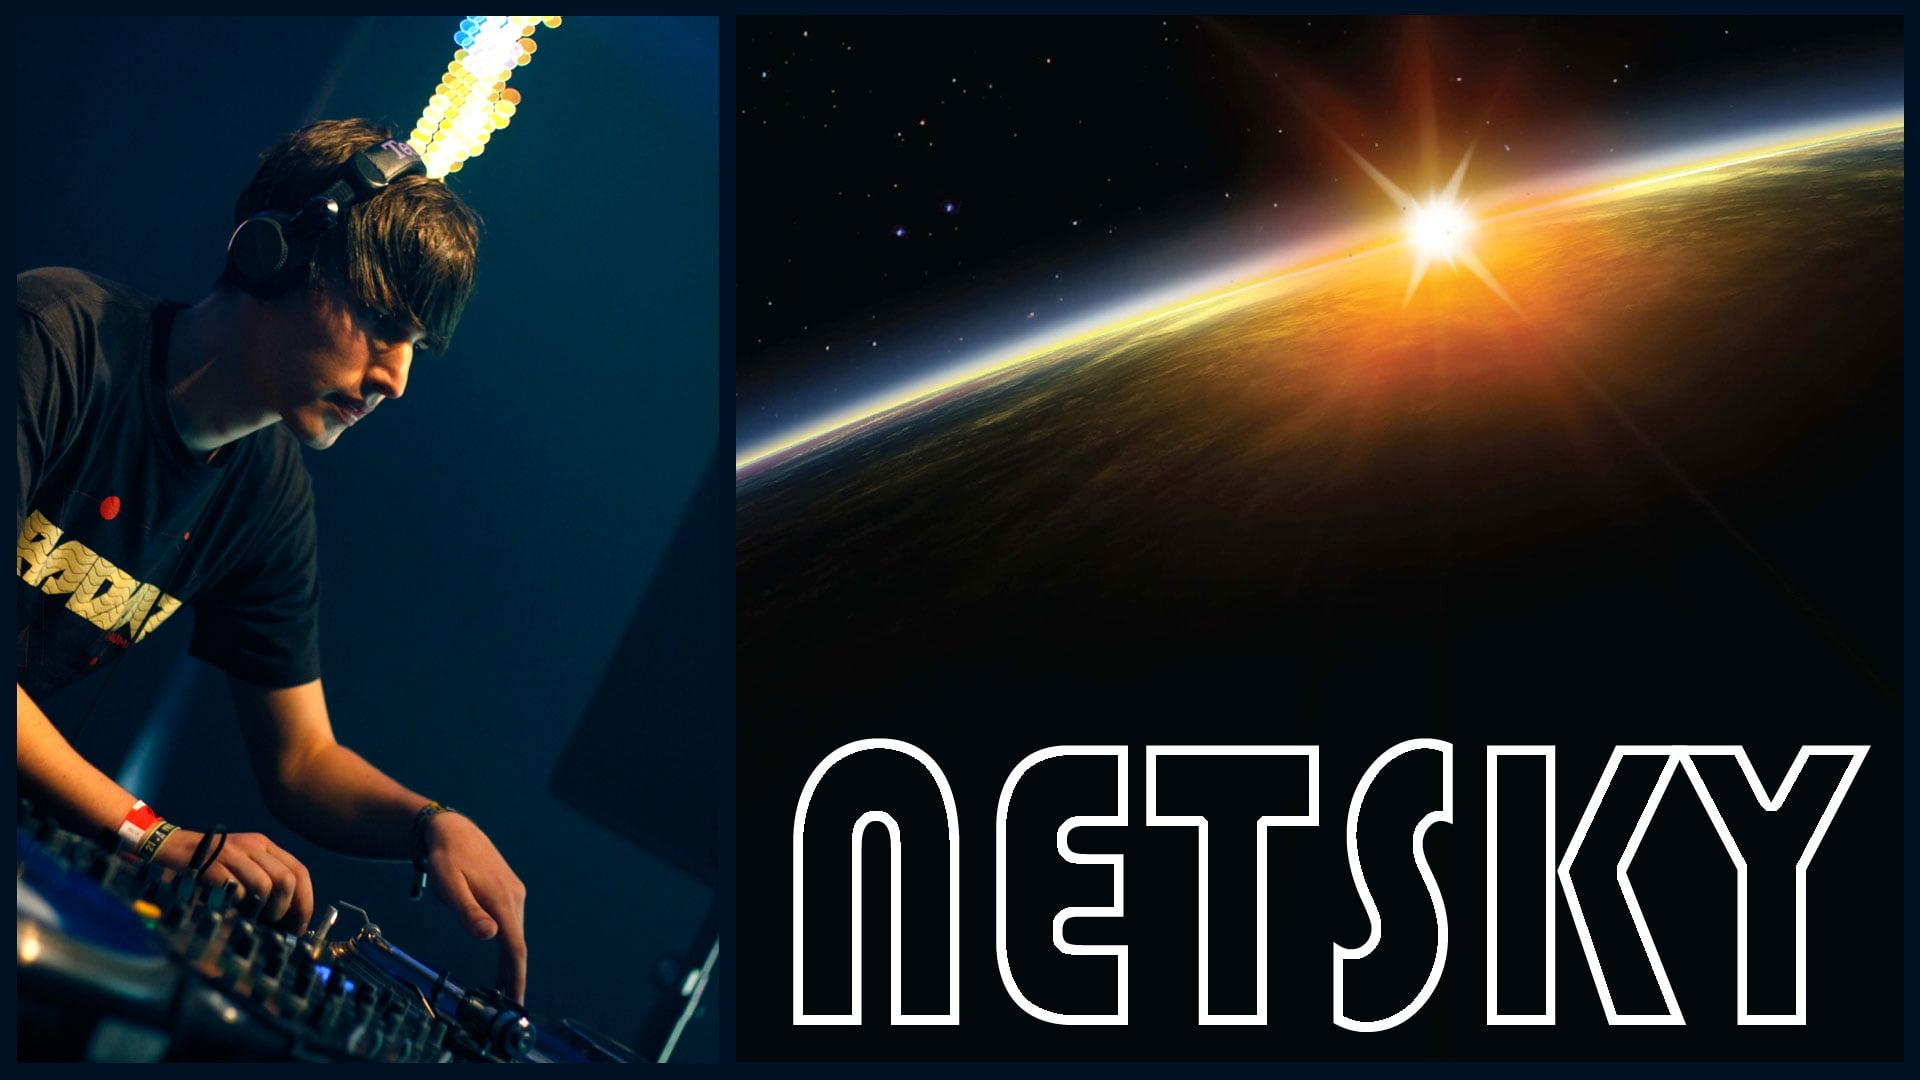 Netsky logo HD wallpaper Wallpaper Flare 1920x1080